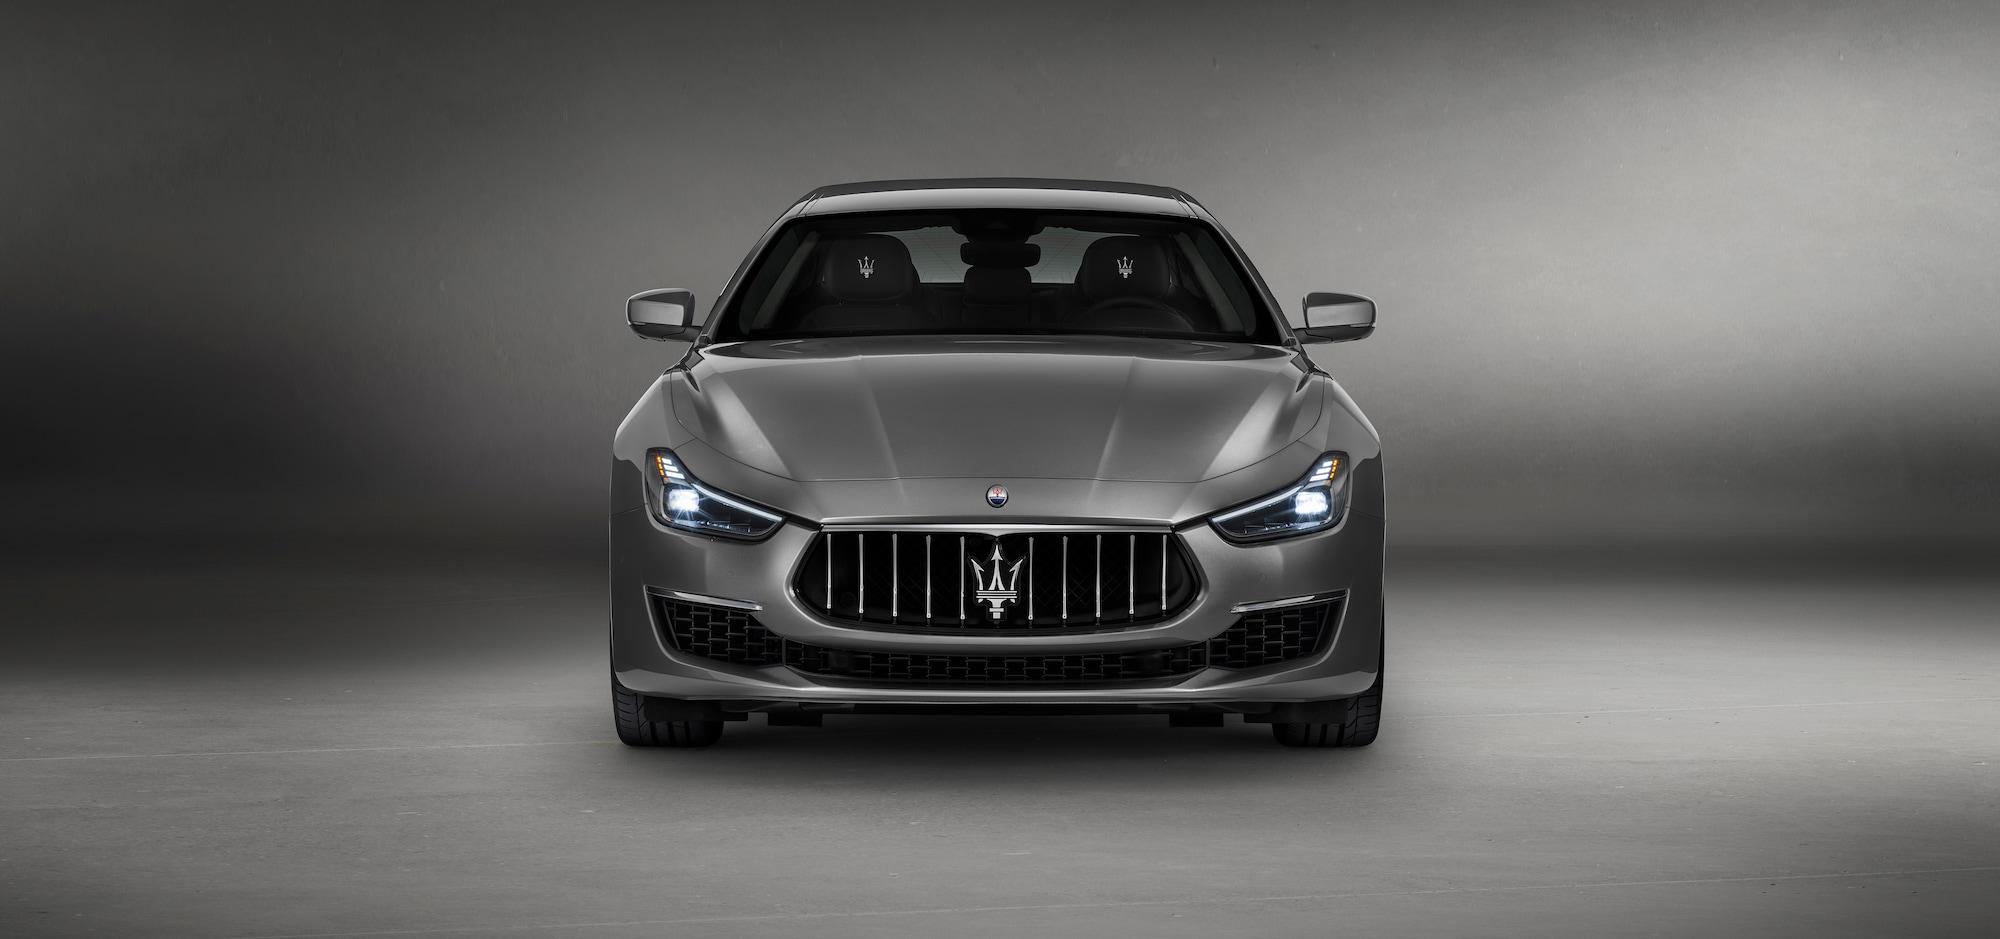 Used Cars Bay Area >> Maserati Of Marin Maserati Dealership Marin Ca Bay Area